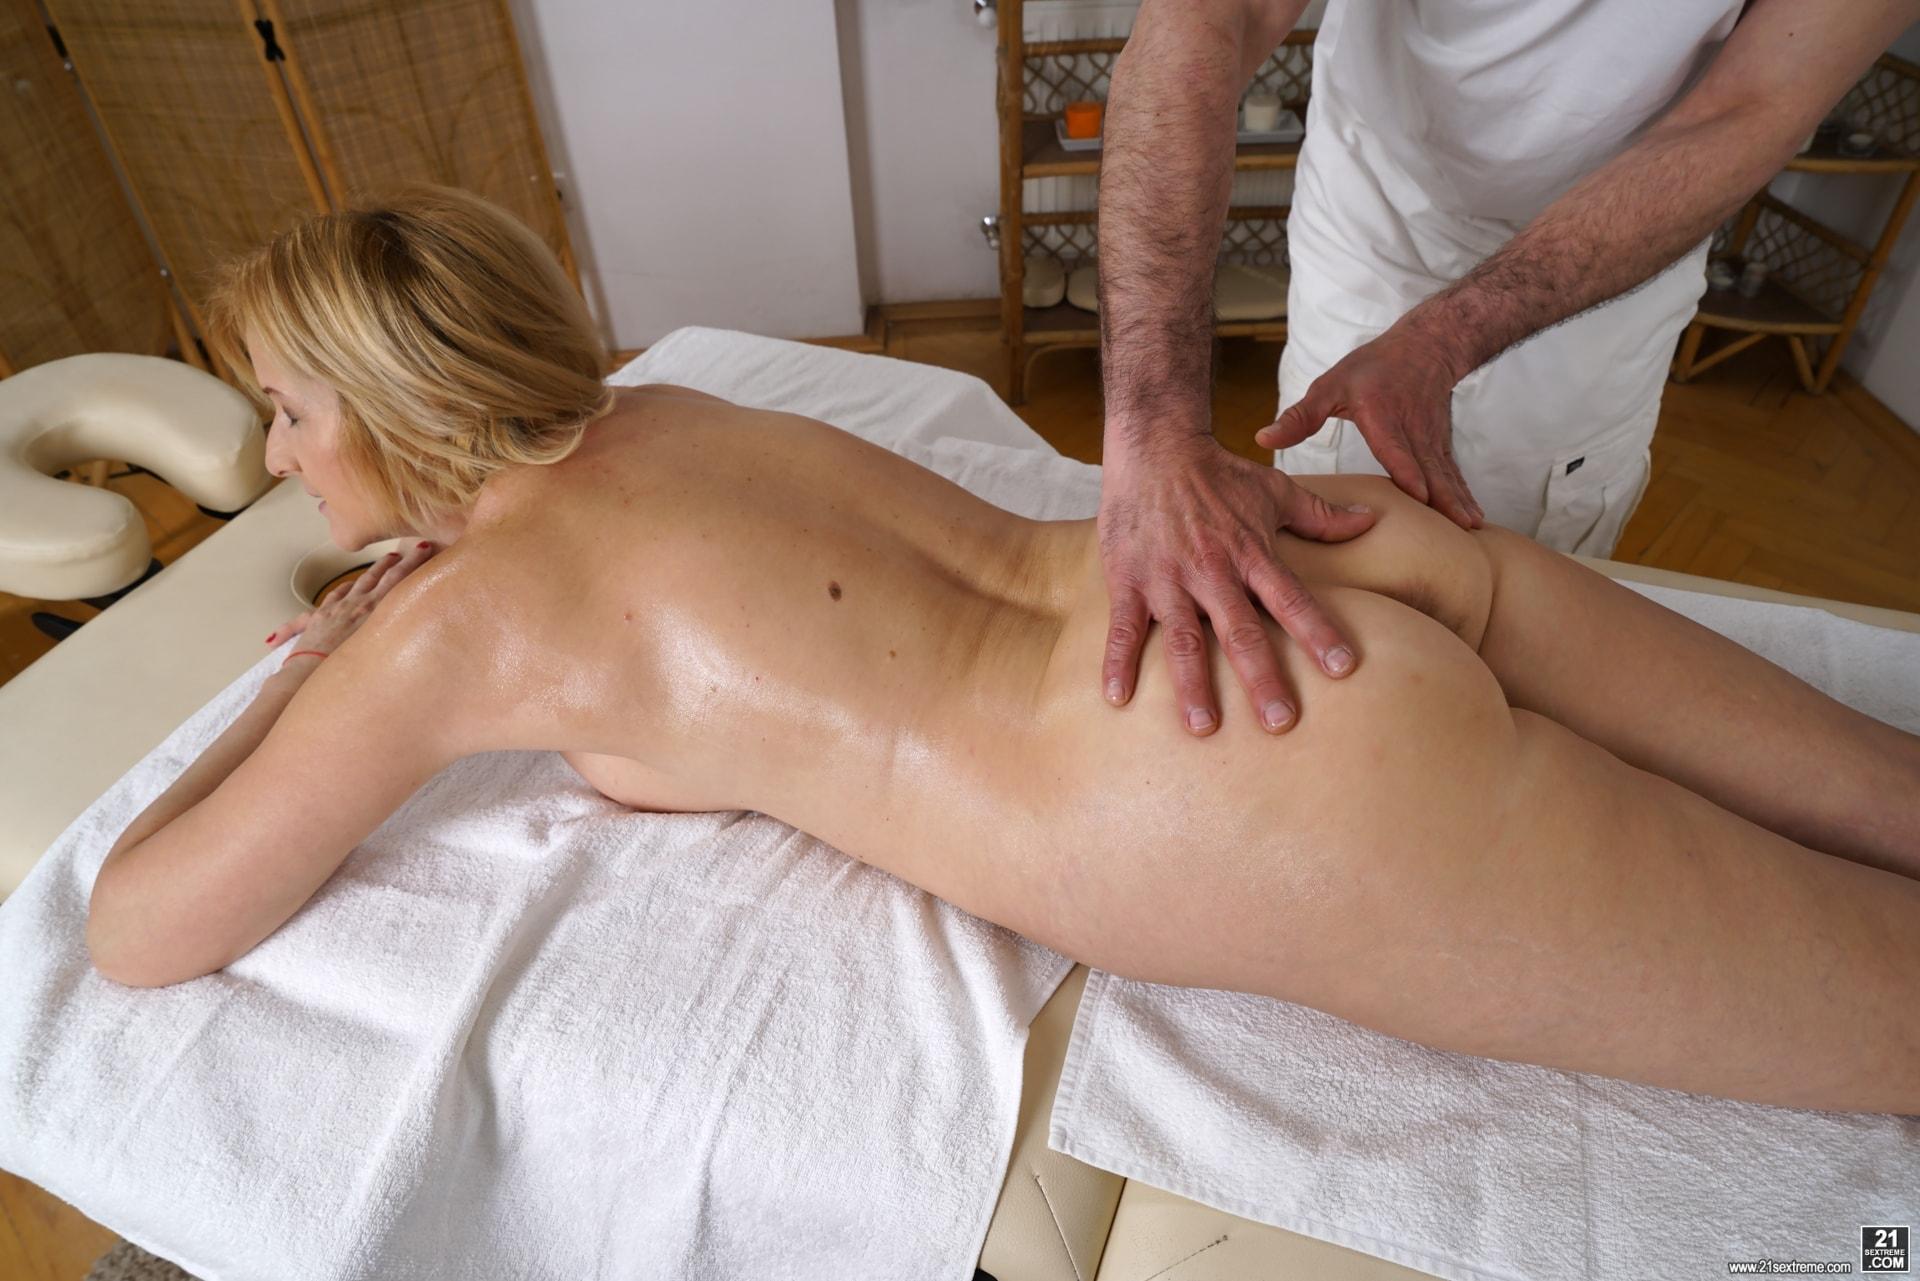 21Sextury 'Jennyfer's Anal Massage' starring Jennyfer (Photo 84)